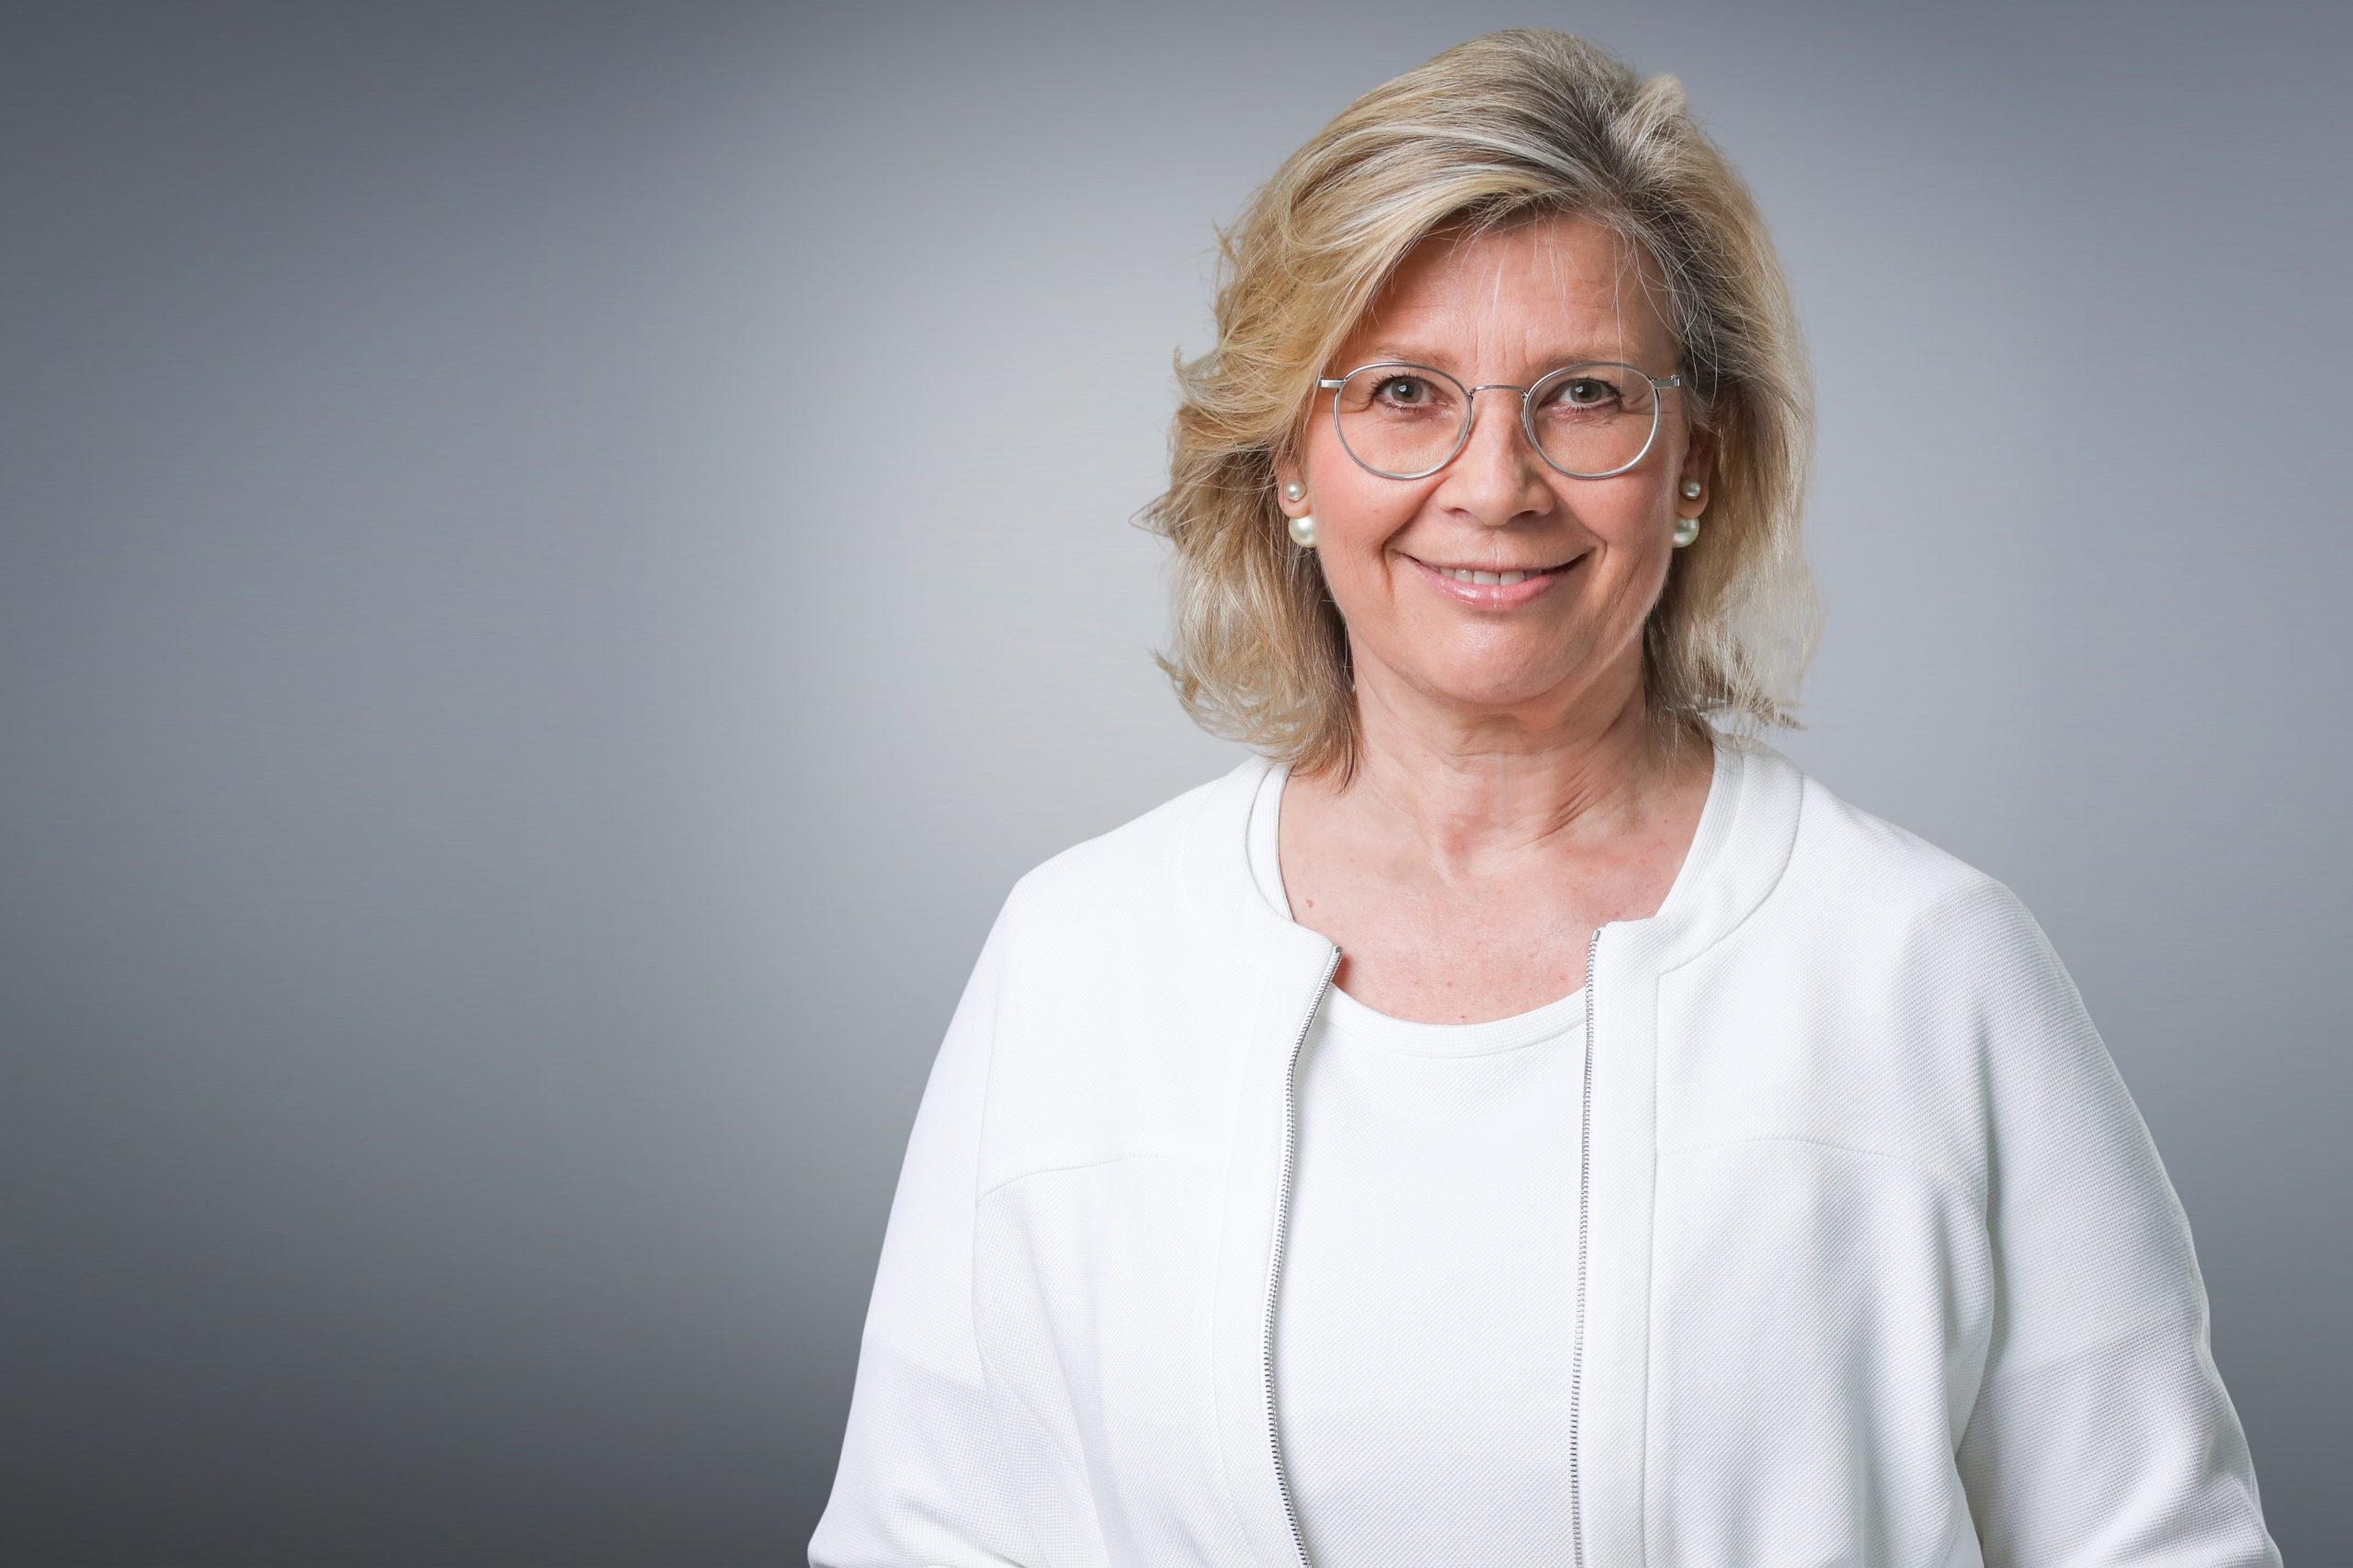 Vorwort zum IVD Plus Magazin 2019 der Vorstandsvorsitzenden Kerstin Huth